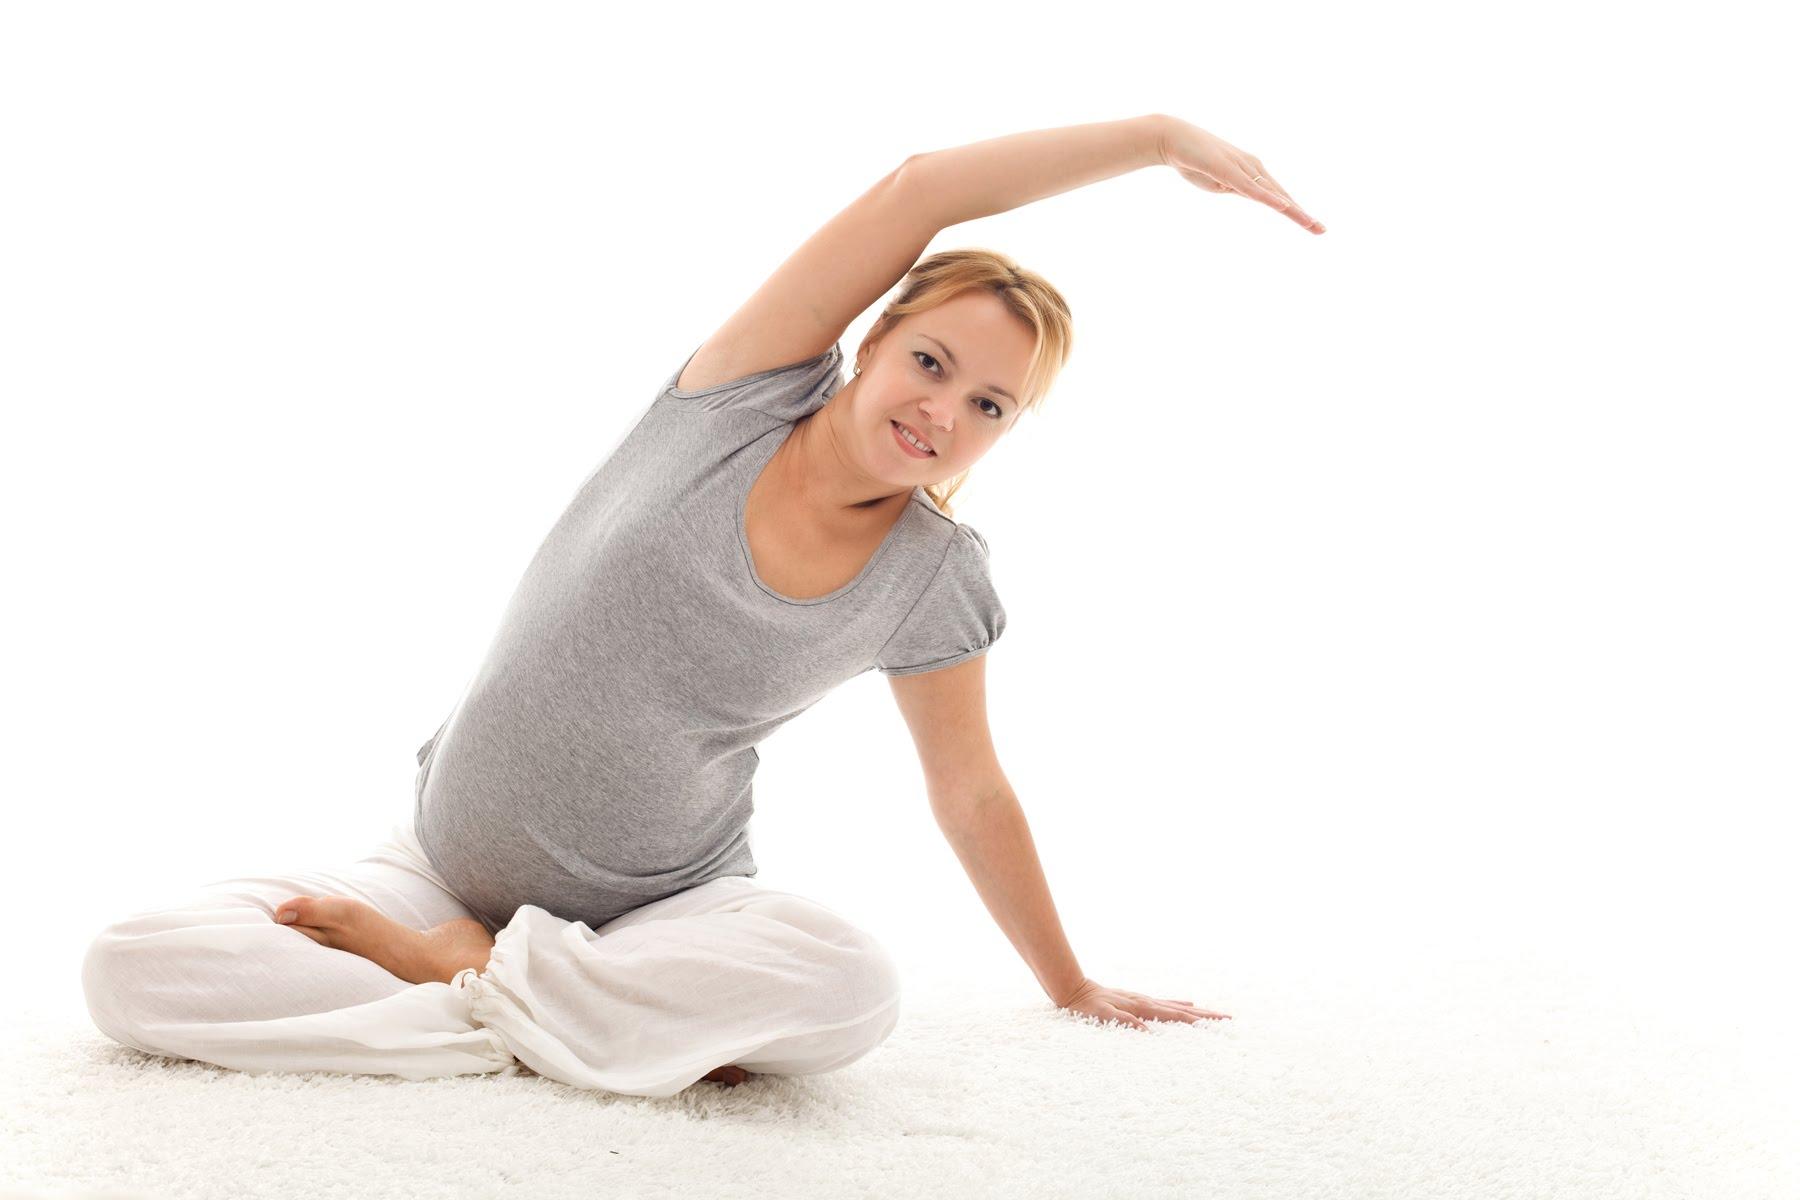 Лфк для беременных в домашних условиях